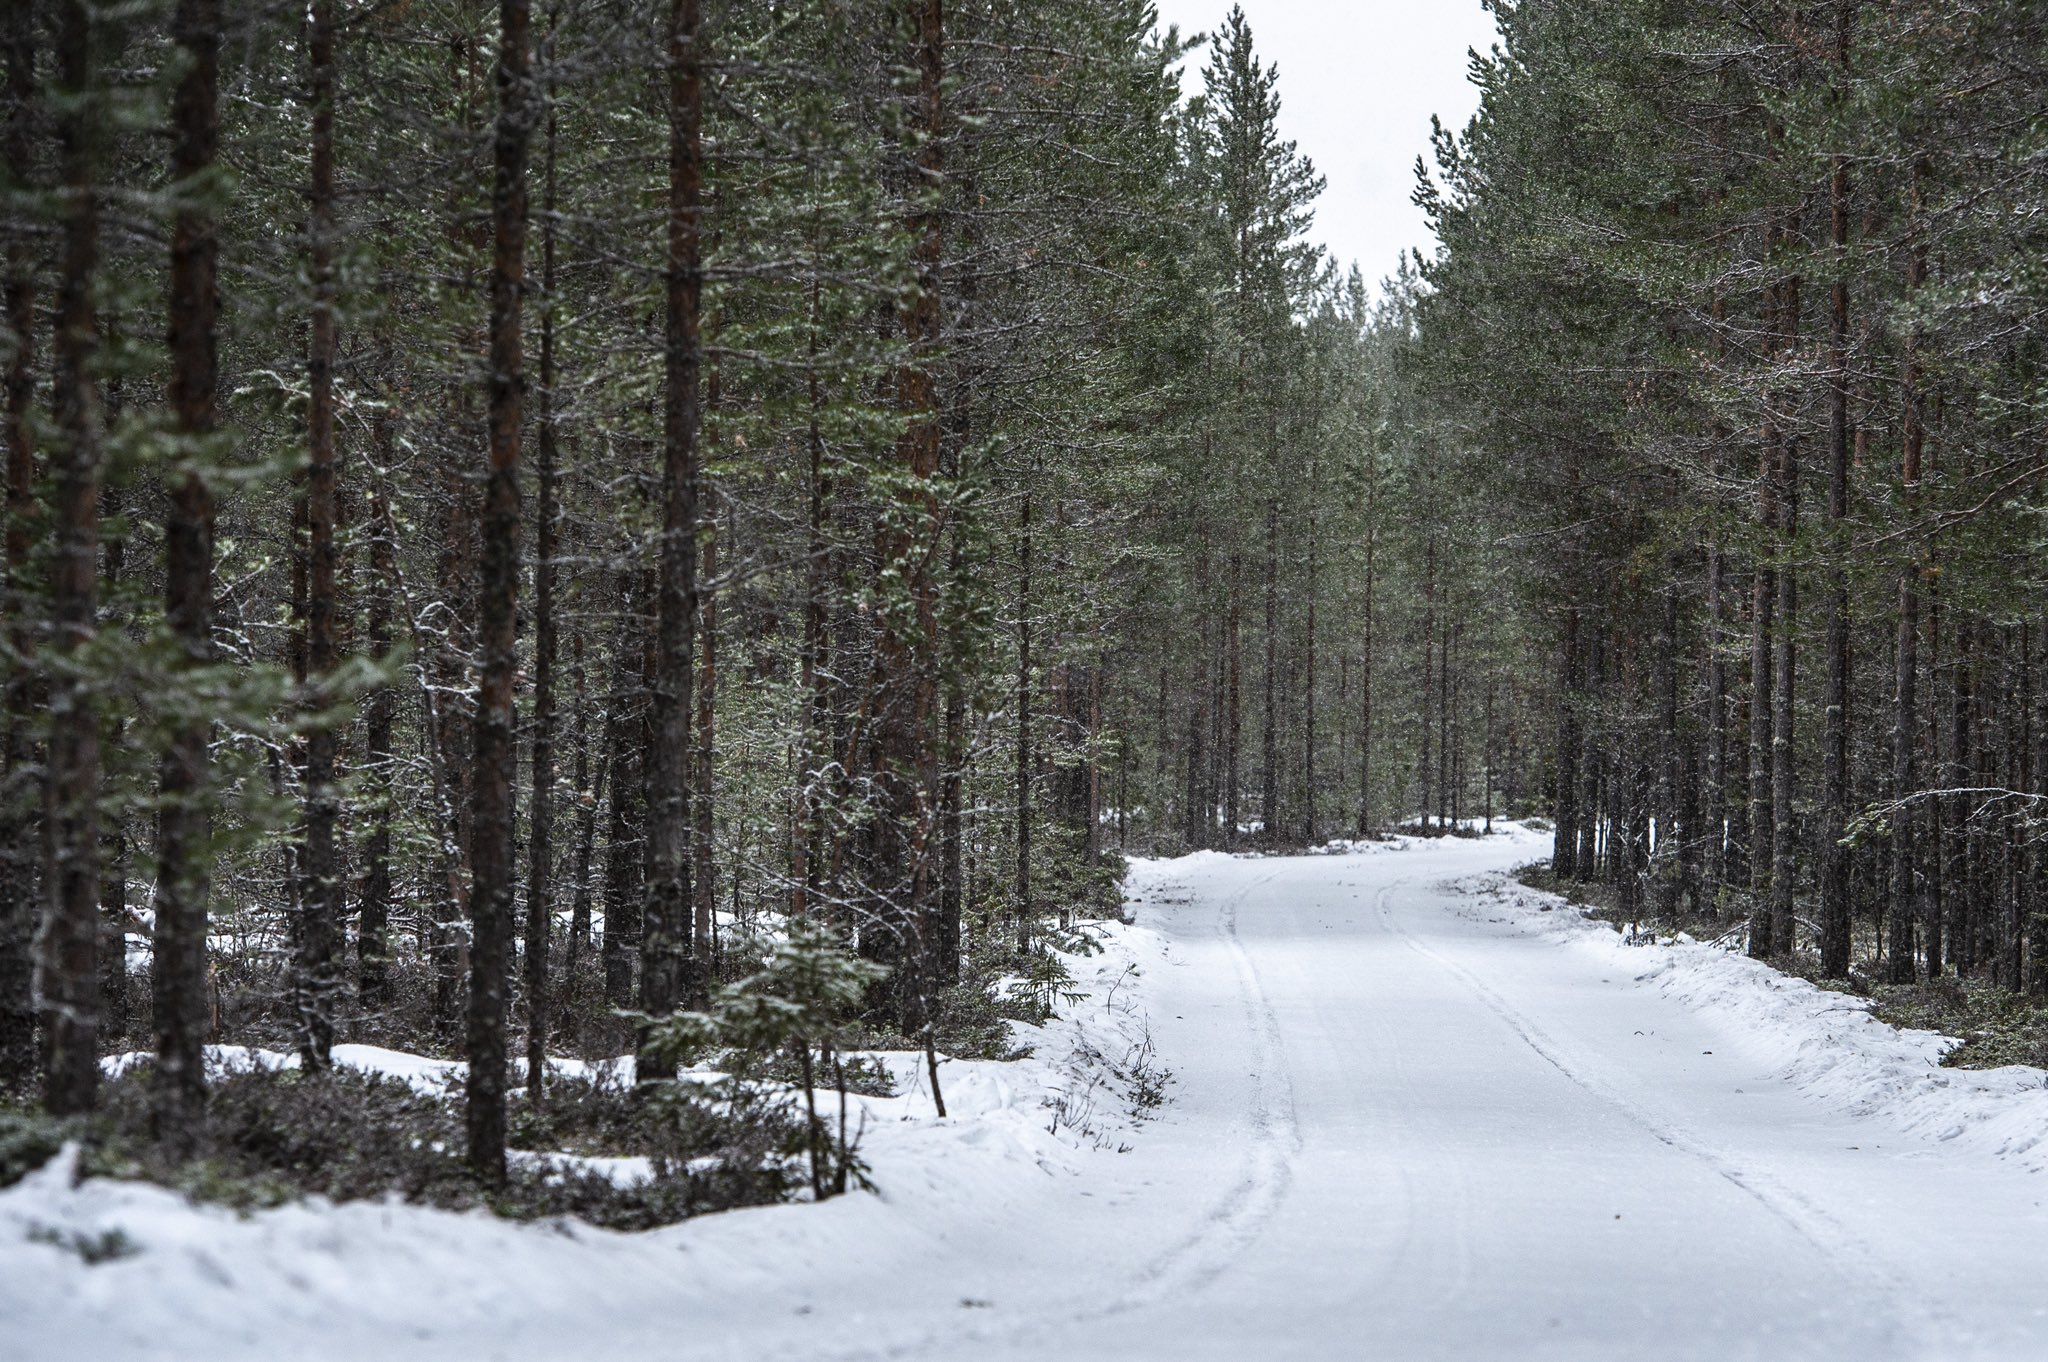 WRC: 68º Rallye Sweden [13-16 Febrero] - Página 2 EQkKK9bWsAA5GVq?format=jpg&name=4096x4096